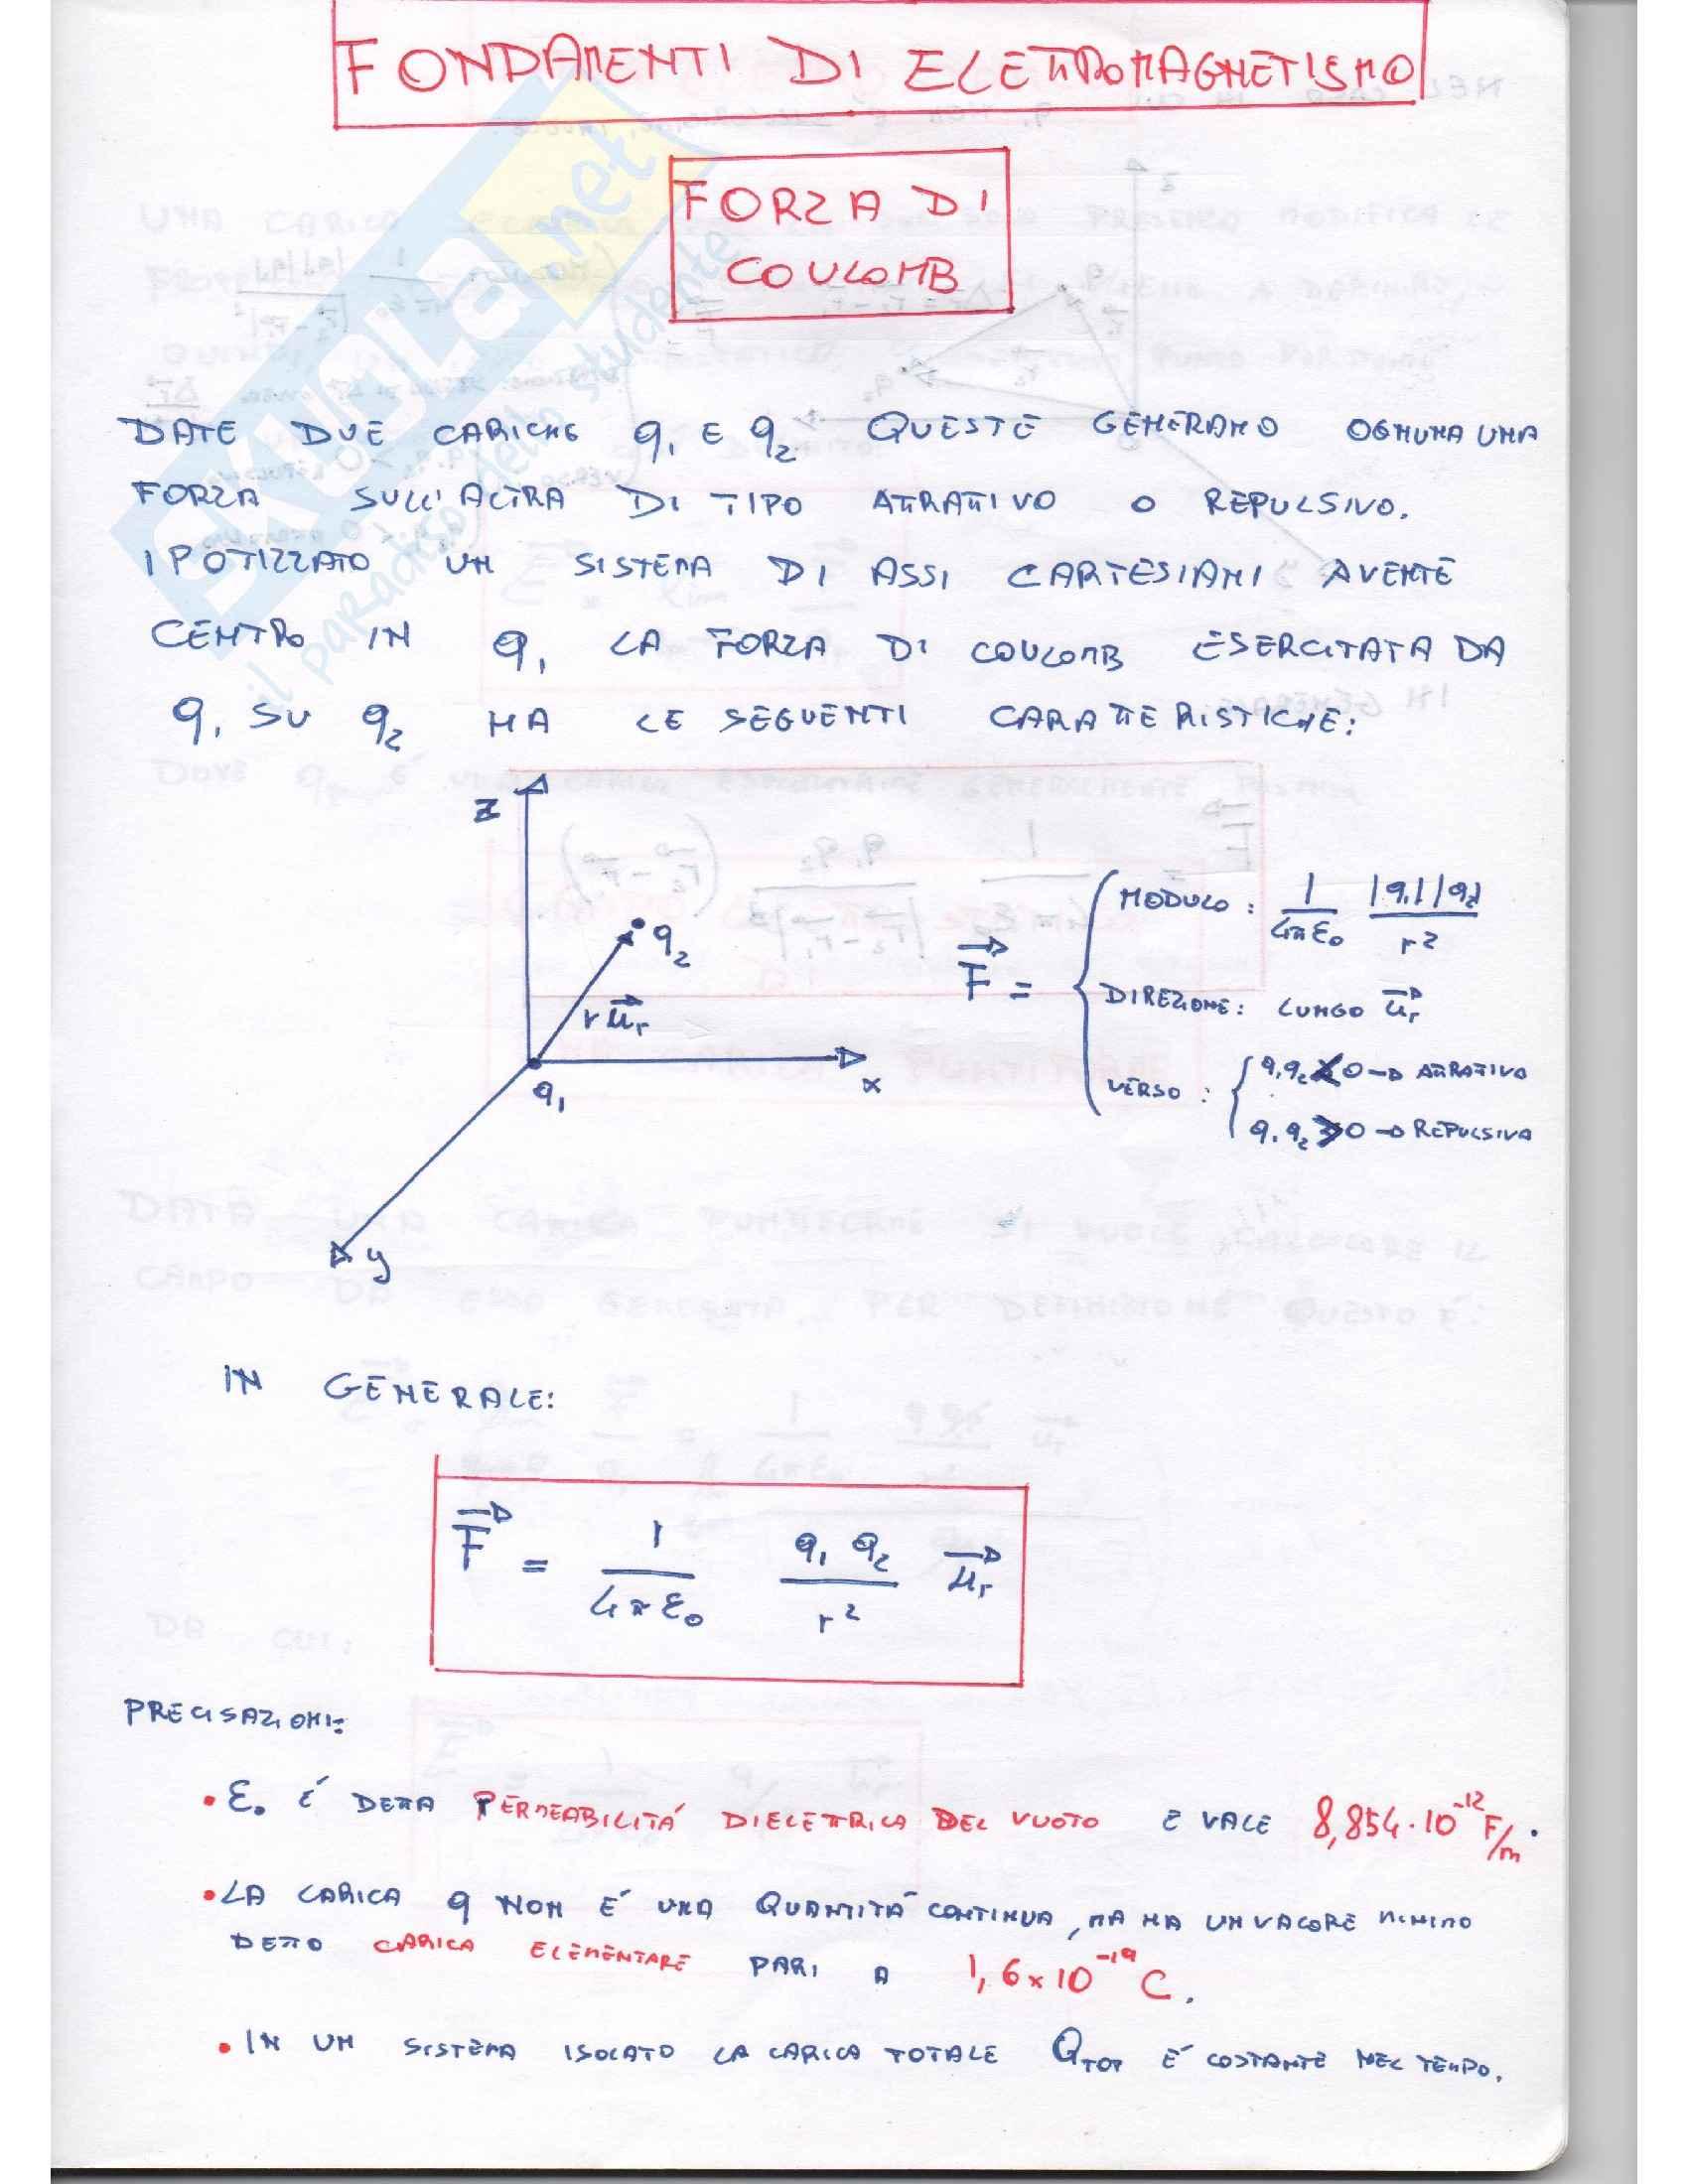 Fondamenti di Elettromagnetismo